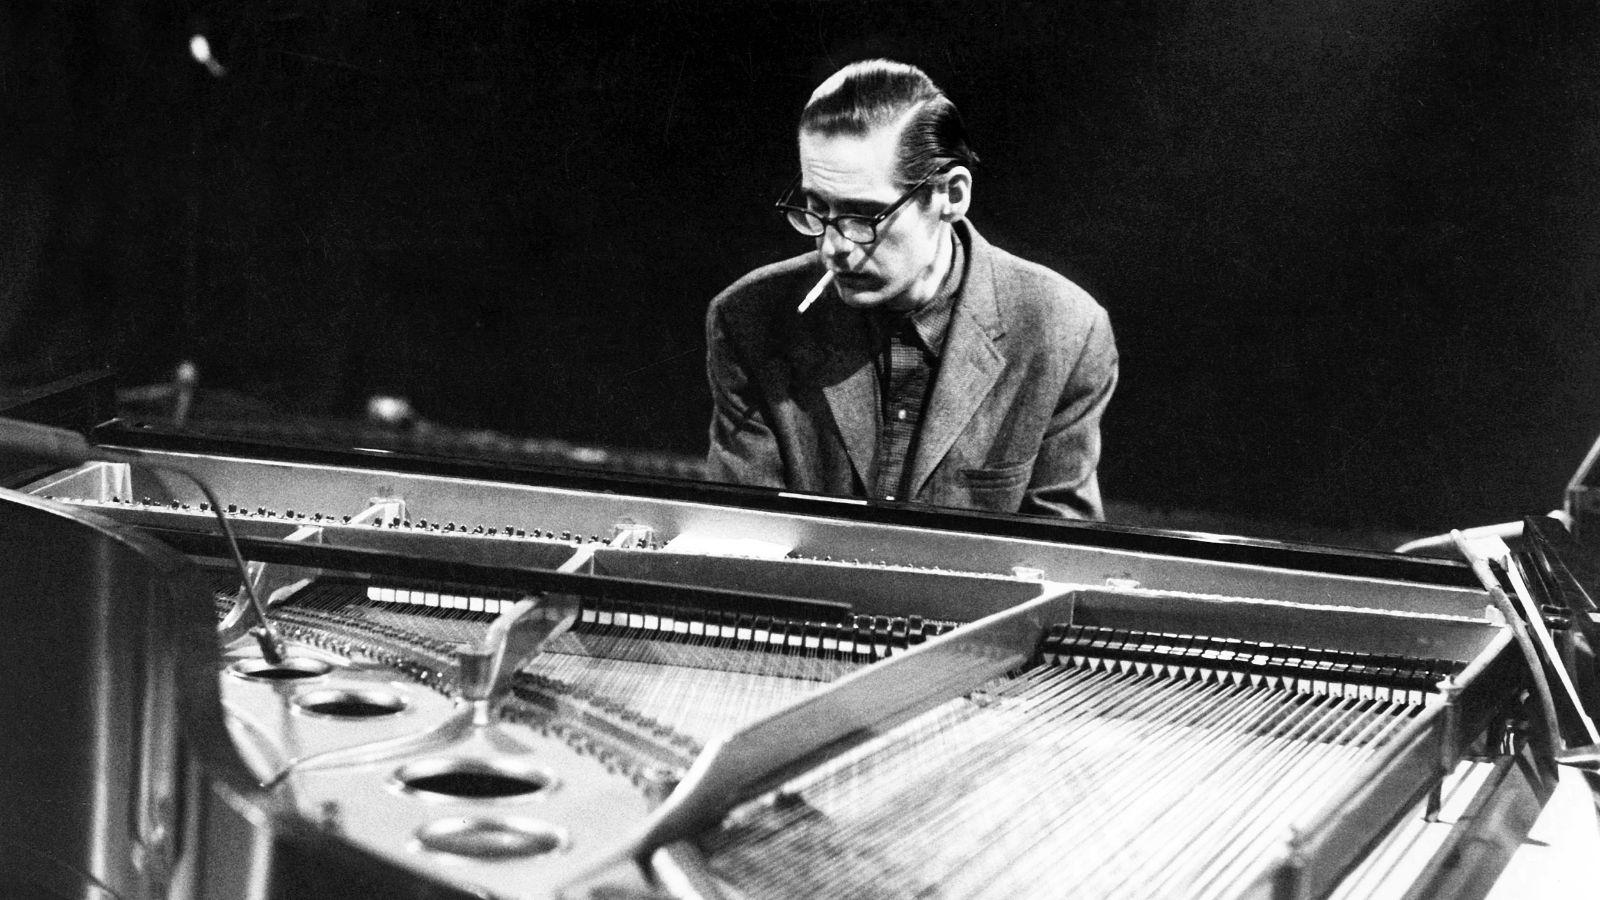 BILL EVANS PIANO SOLOS DOWNLOAD